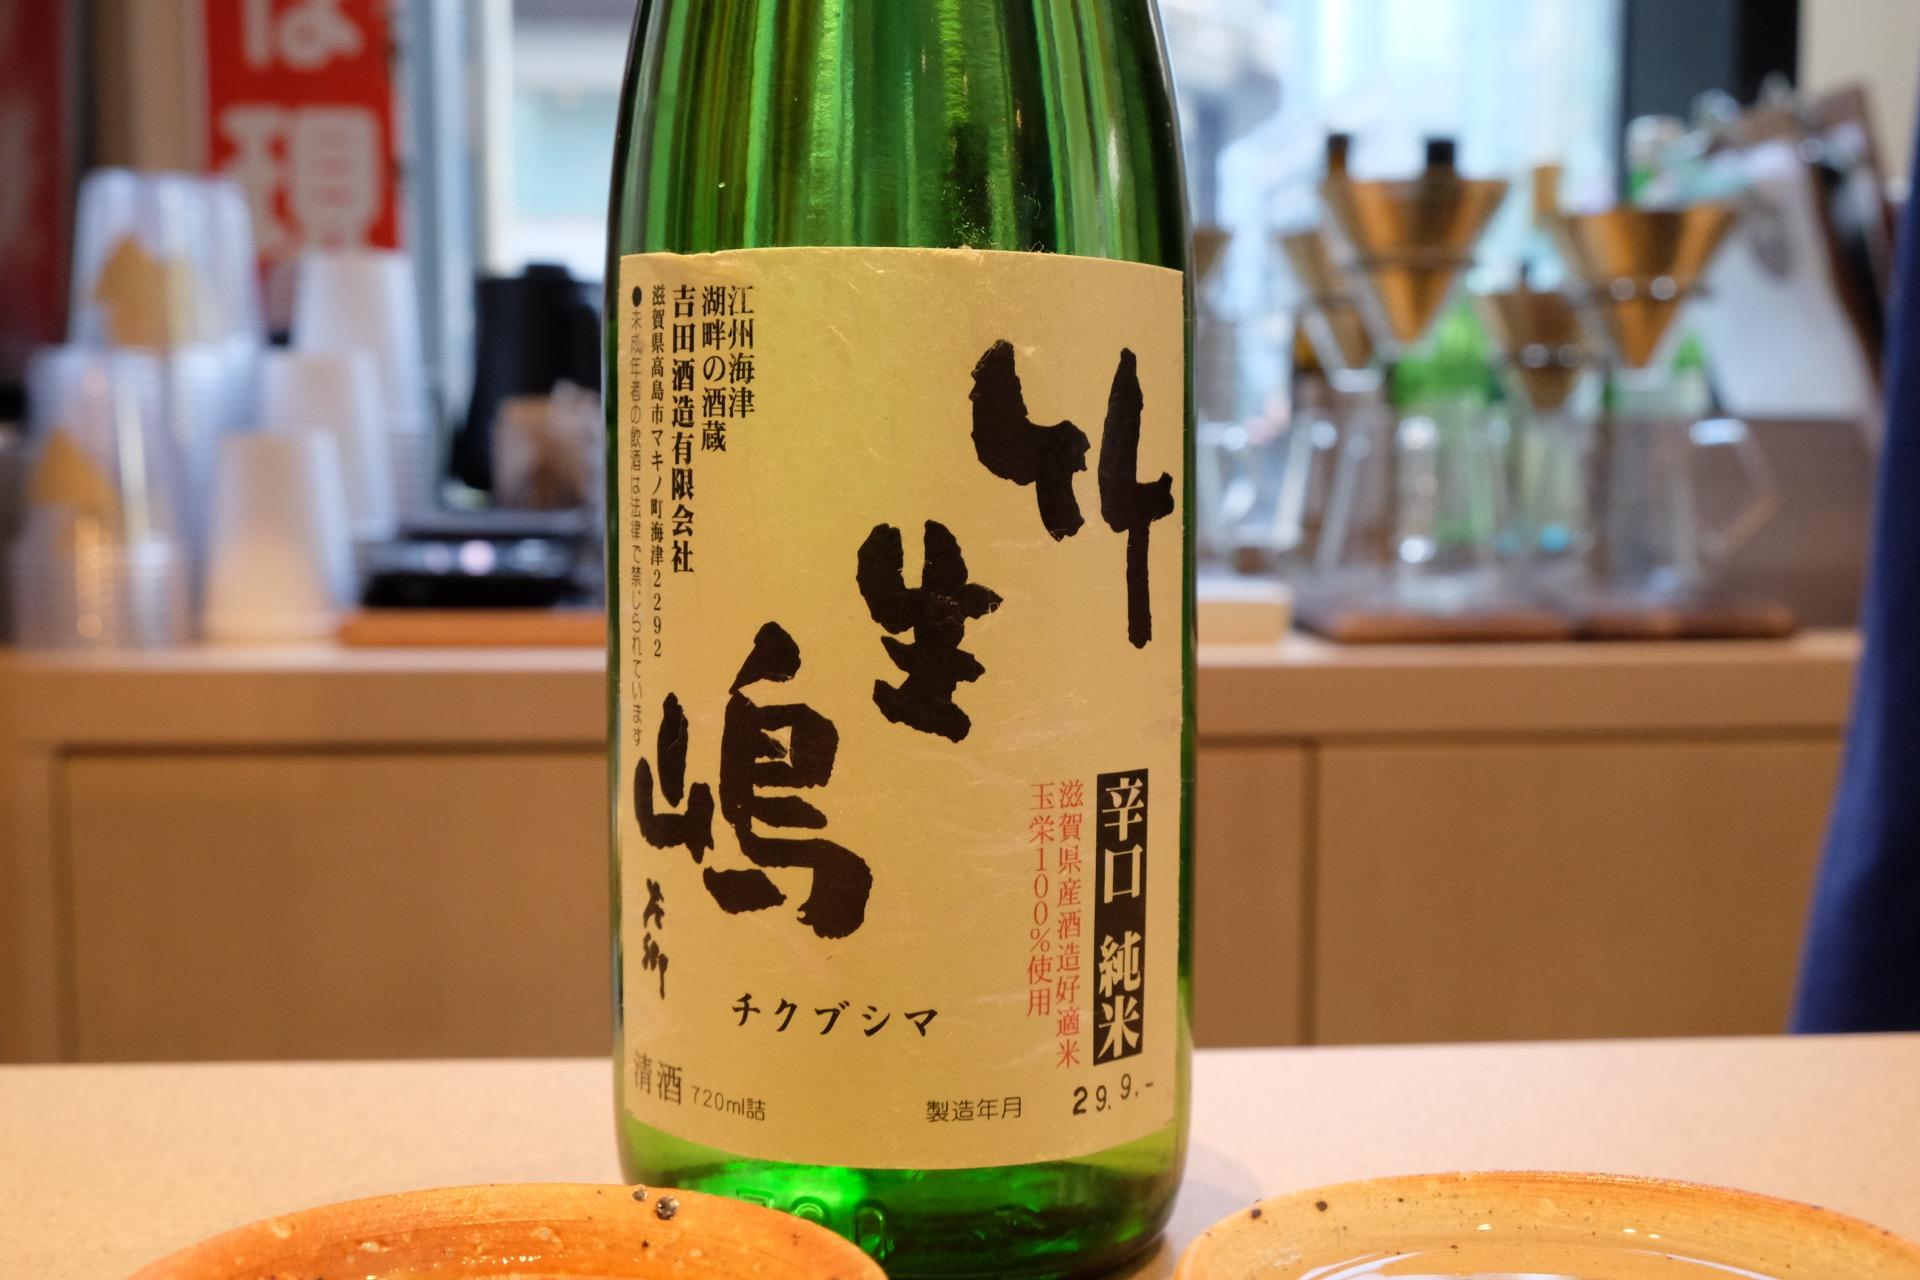 竹生嶋 辛口純米|日本酒テイスティングノート